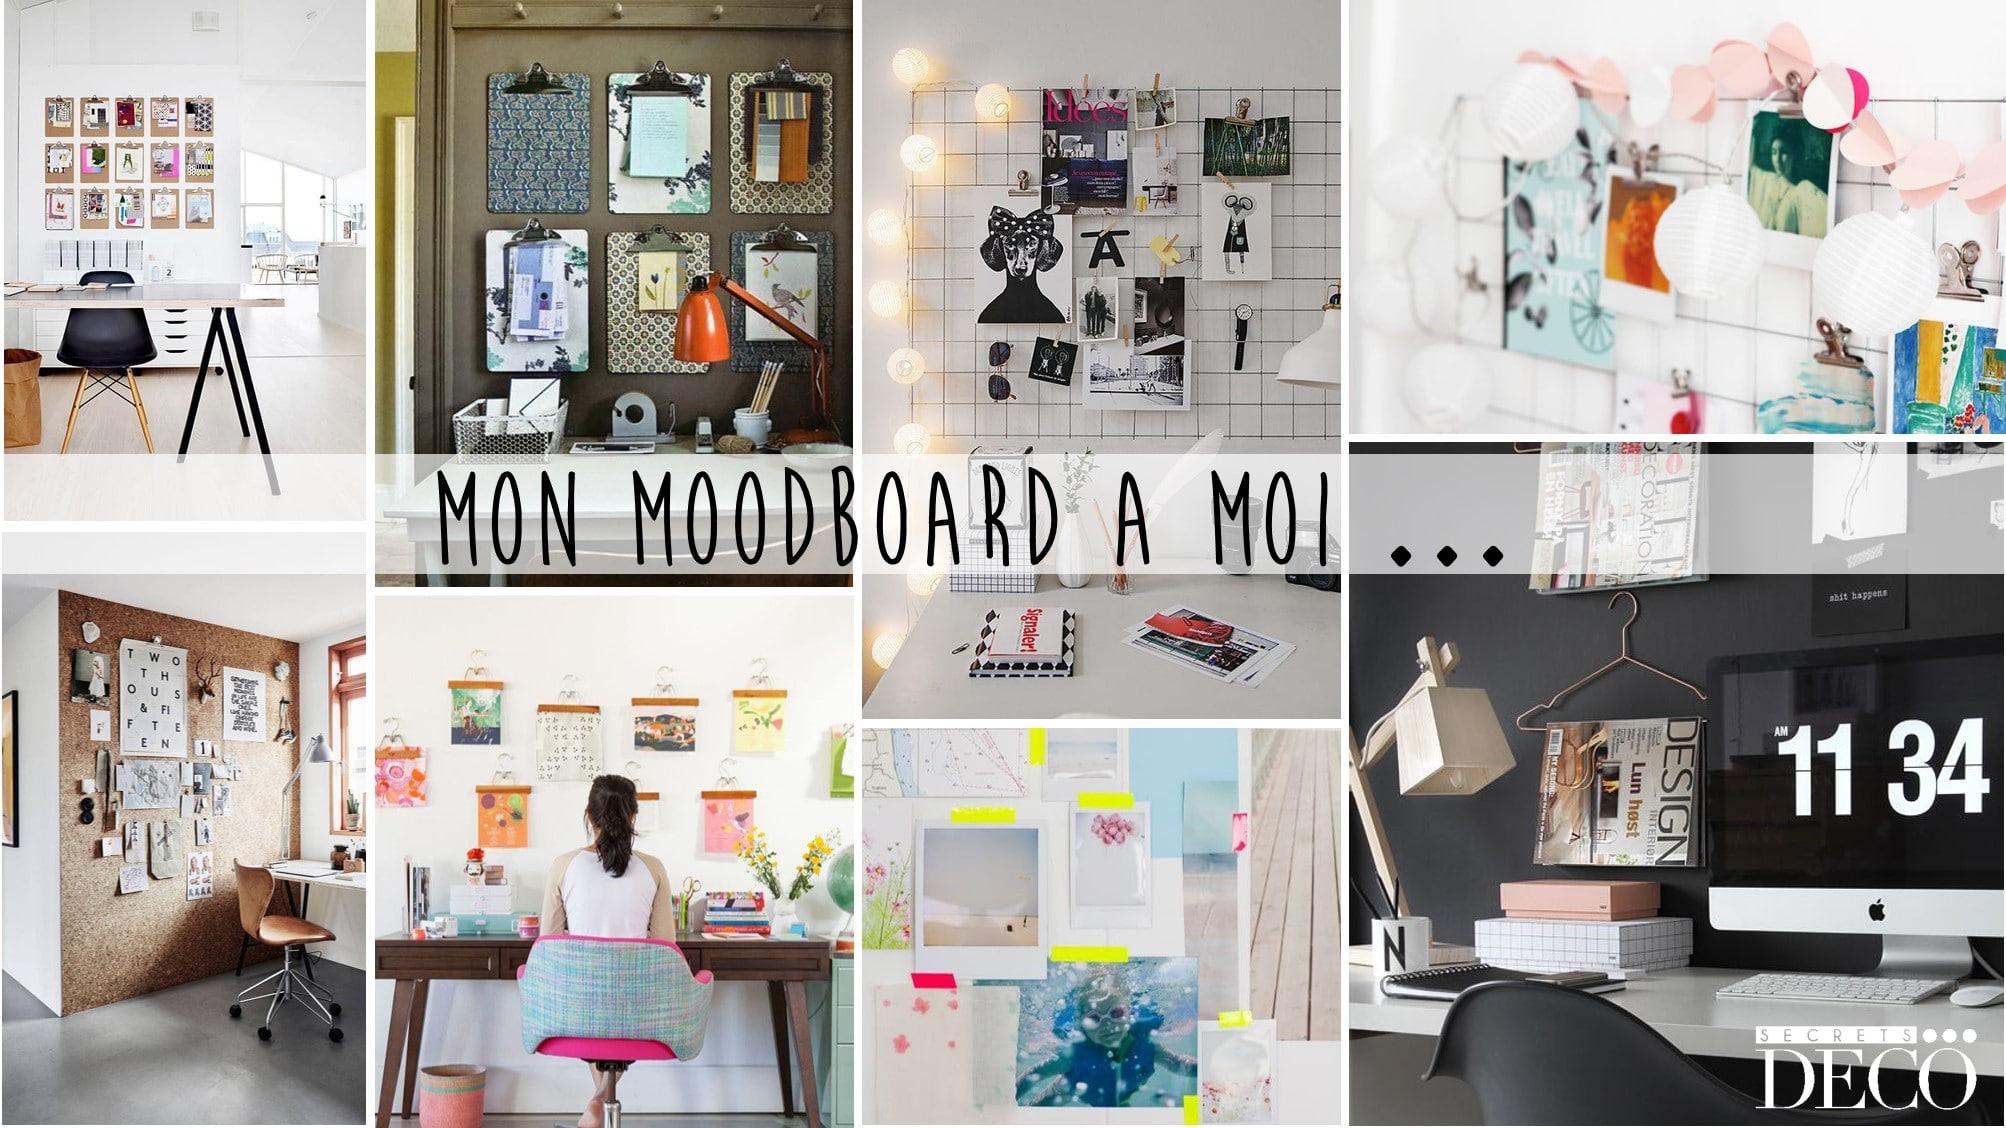 moodboards decoracion